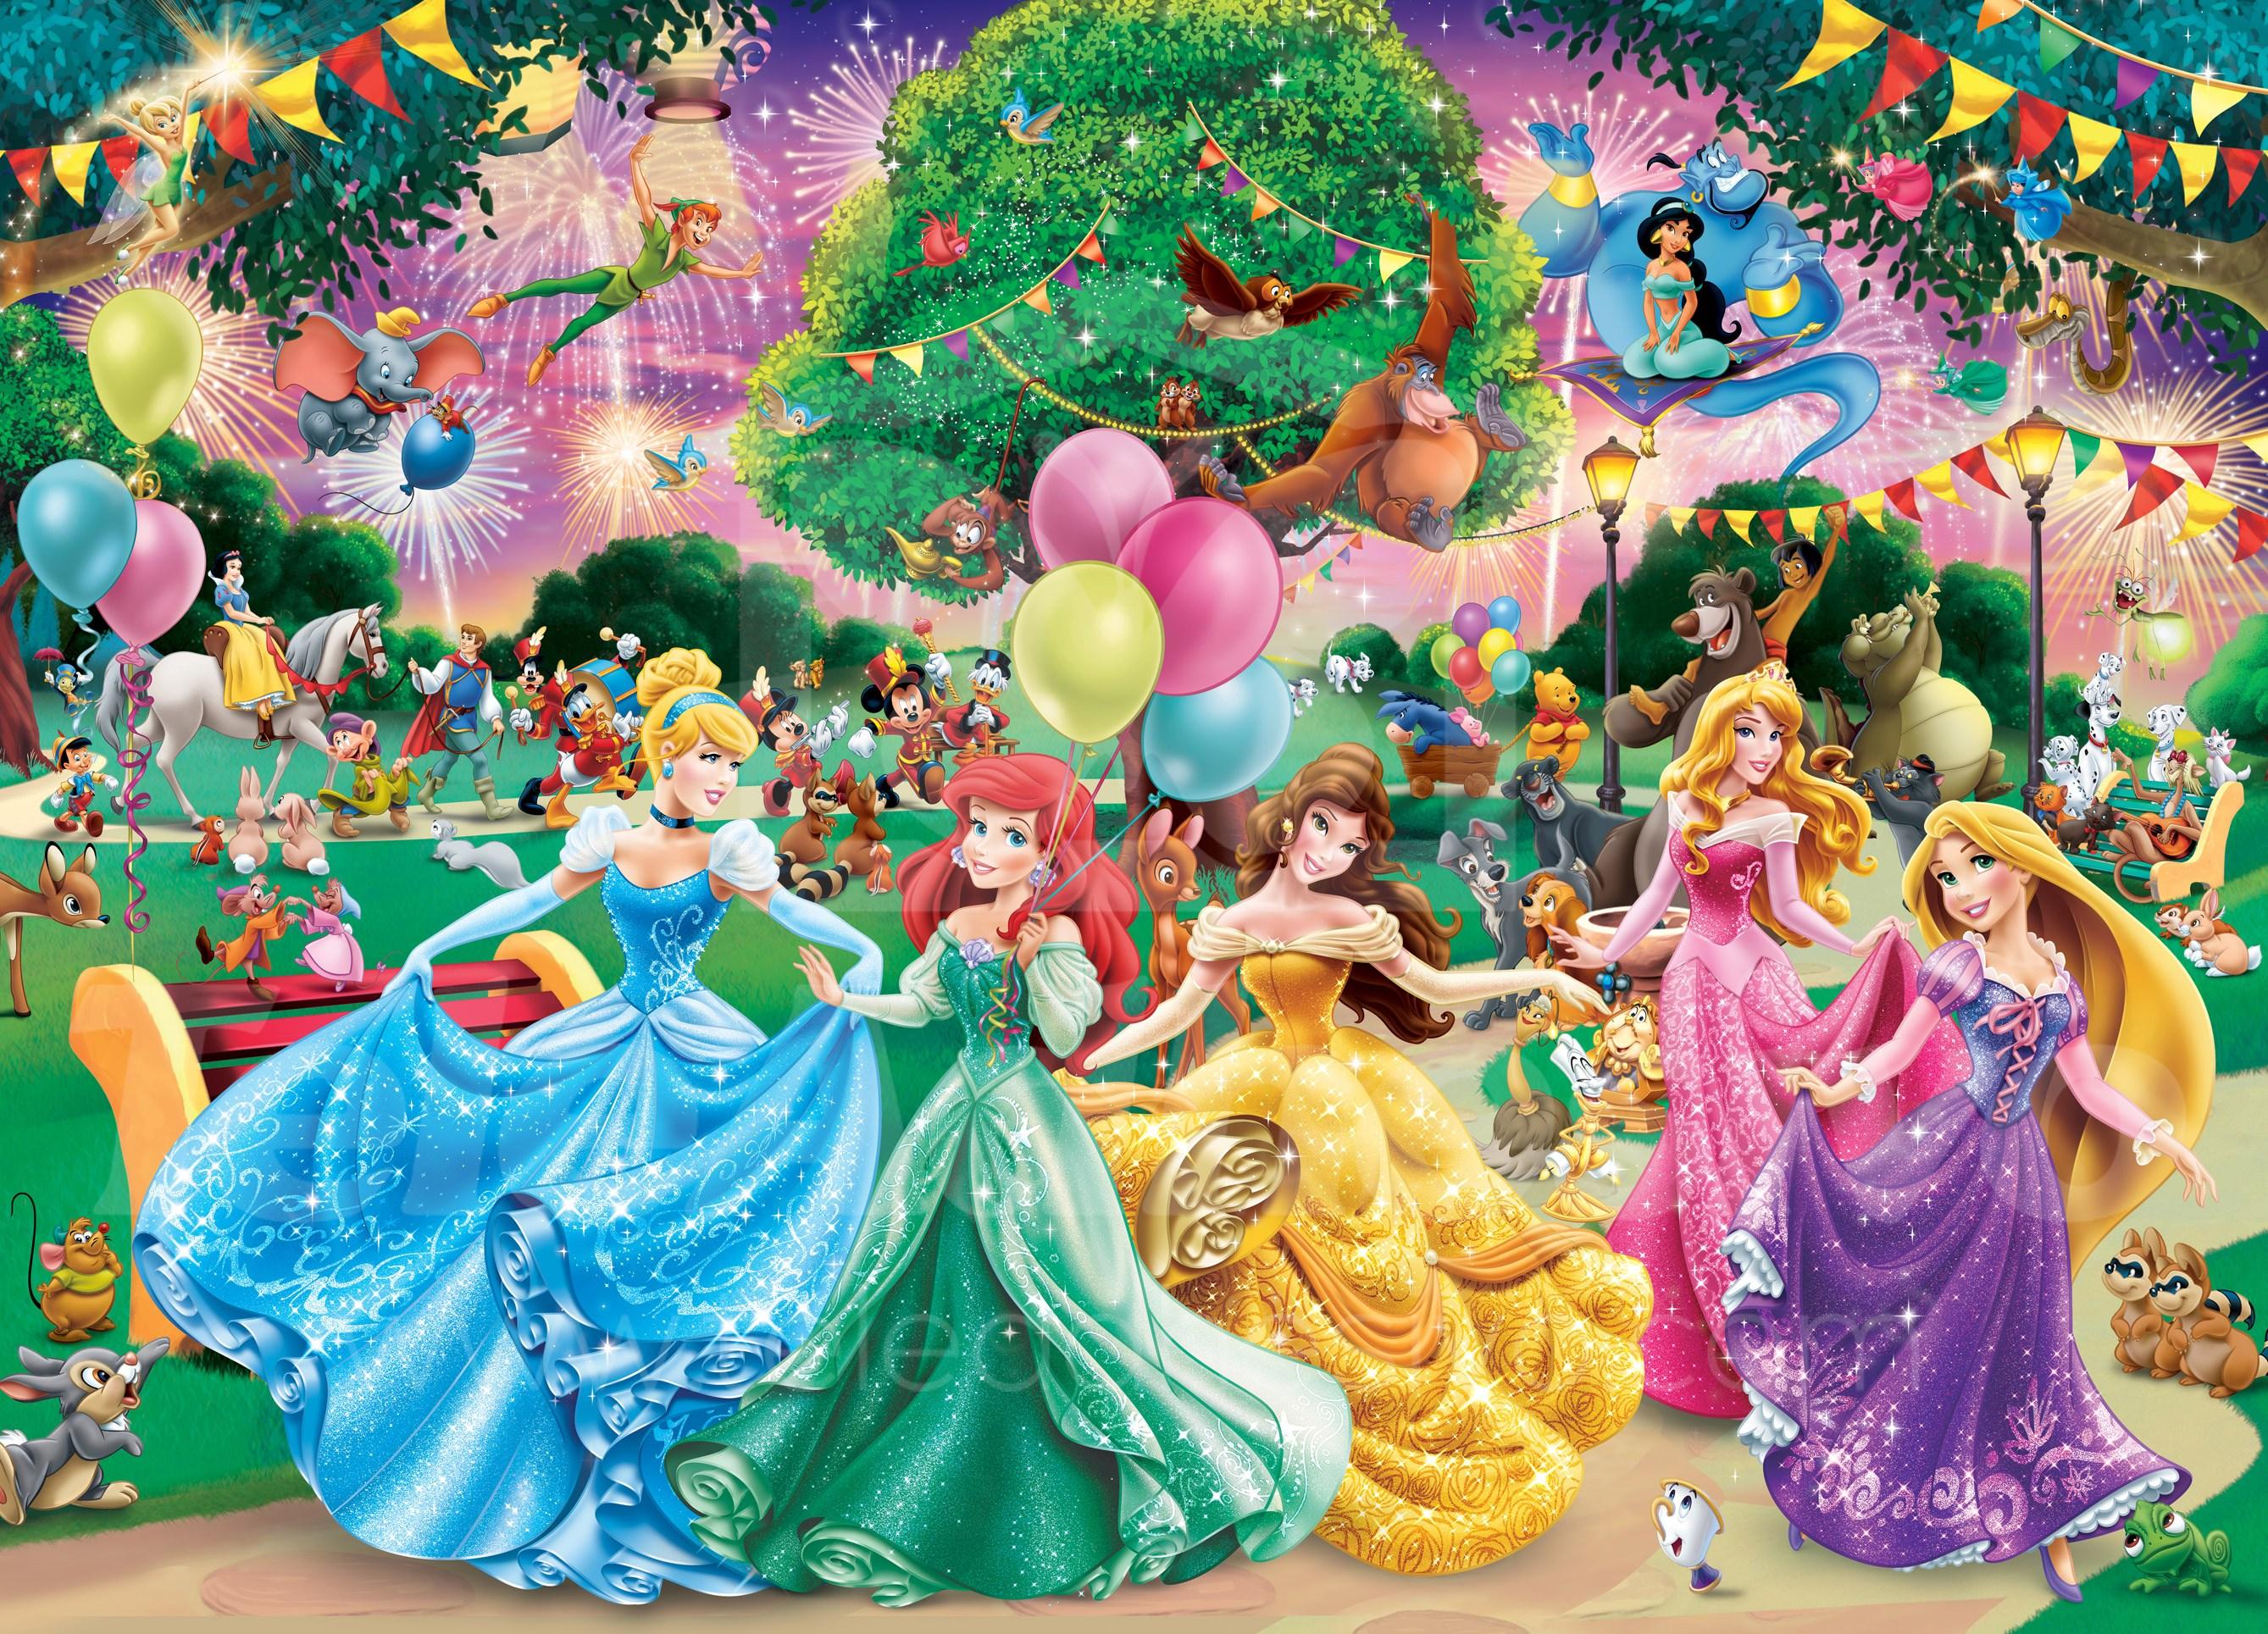 Fototapeten: Prinzessinnen